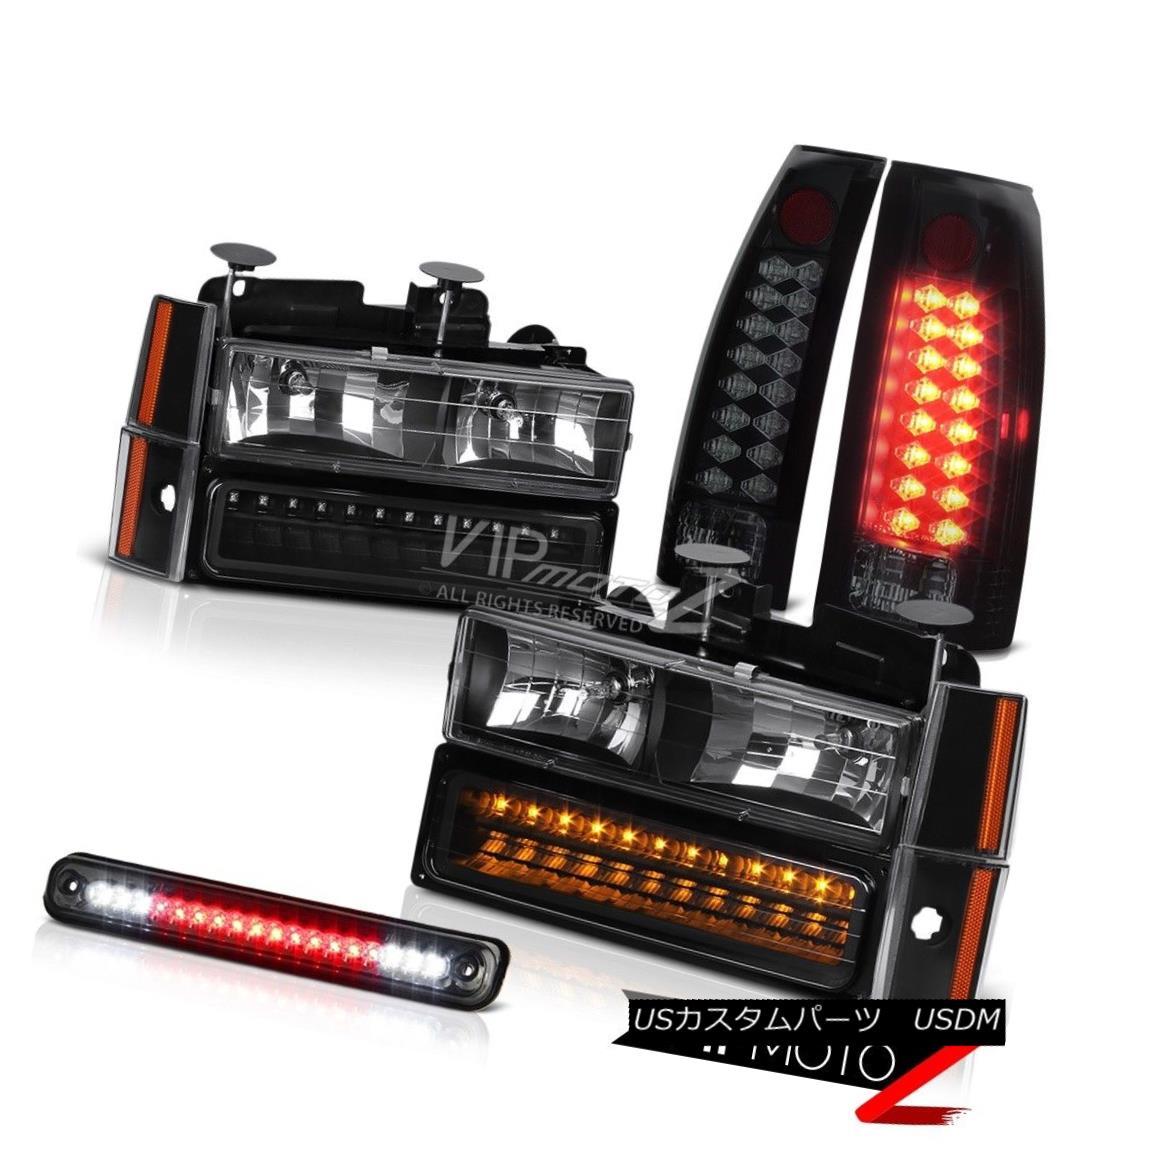 テールライト 1988-1993 Chevrolet PickUp Black LED Signal Headlights Tail Light 3RD Cab Lamp 1988-1993シボレーピックアップブラックLEDシグナルヘッドライトテールライト3RDキャブランプ